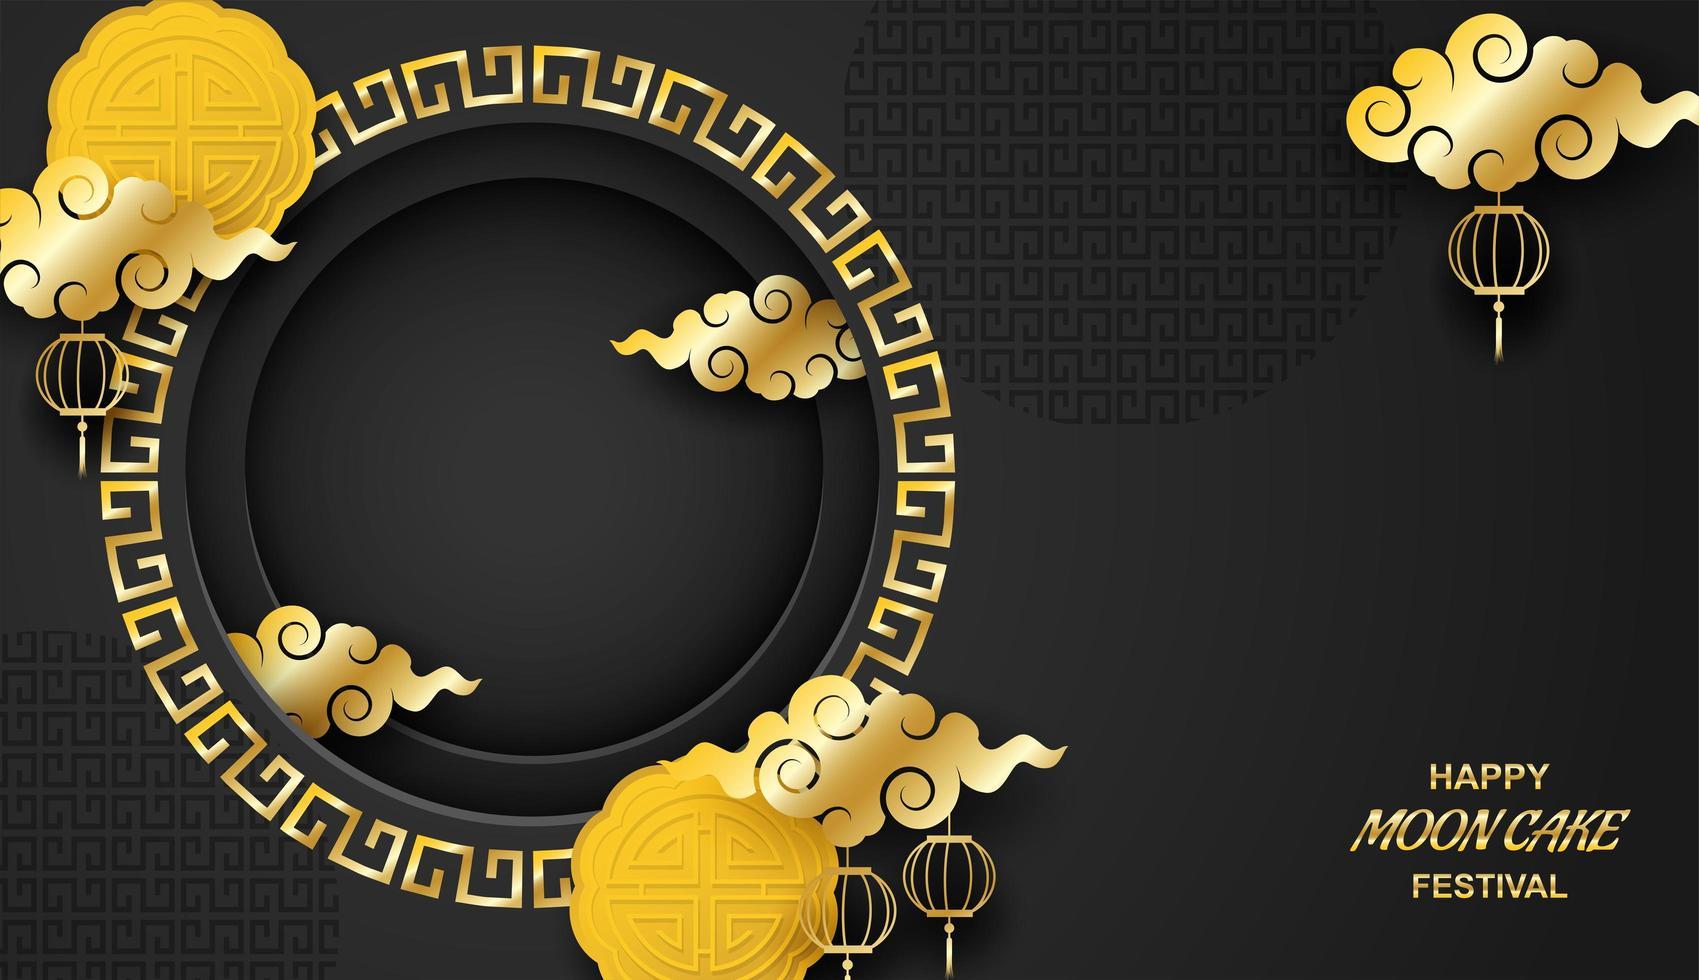 Happy Moon Kuchen Festival Hintergrund Vorlage vektor